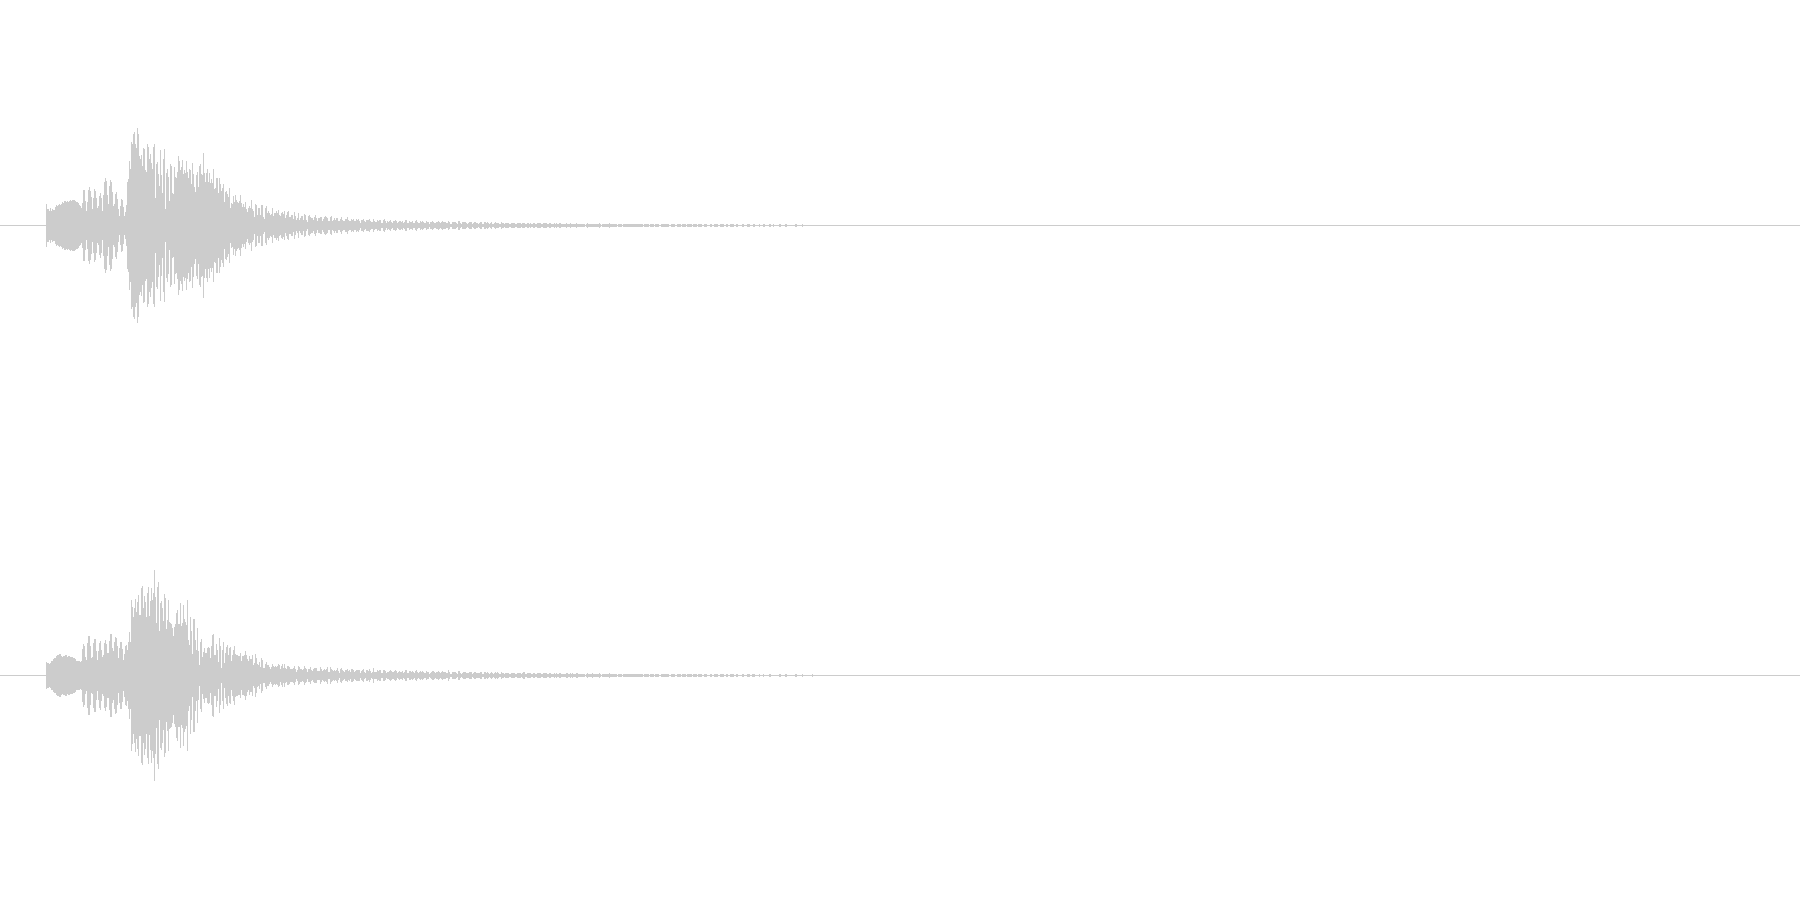 【ショートブリッジ01-3】の未再生の波形